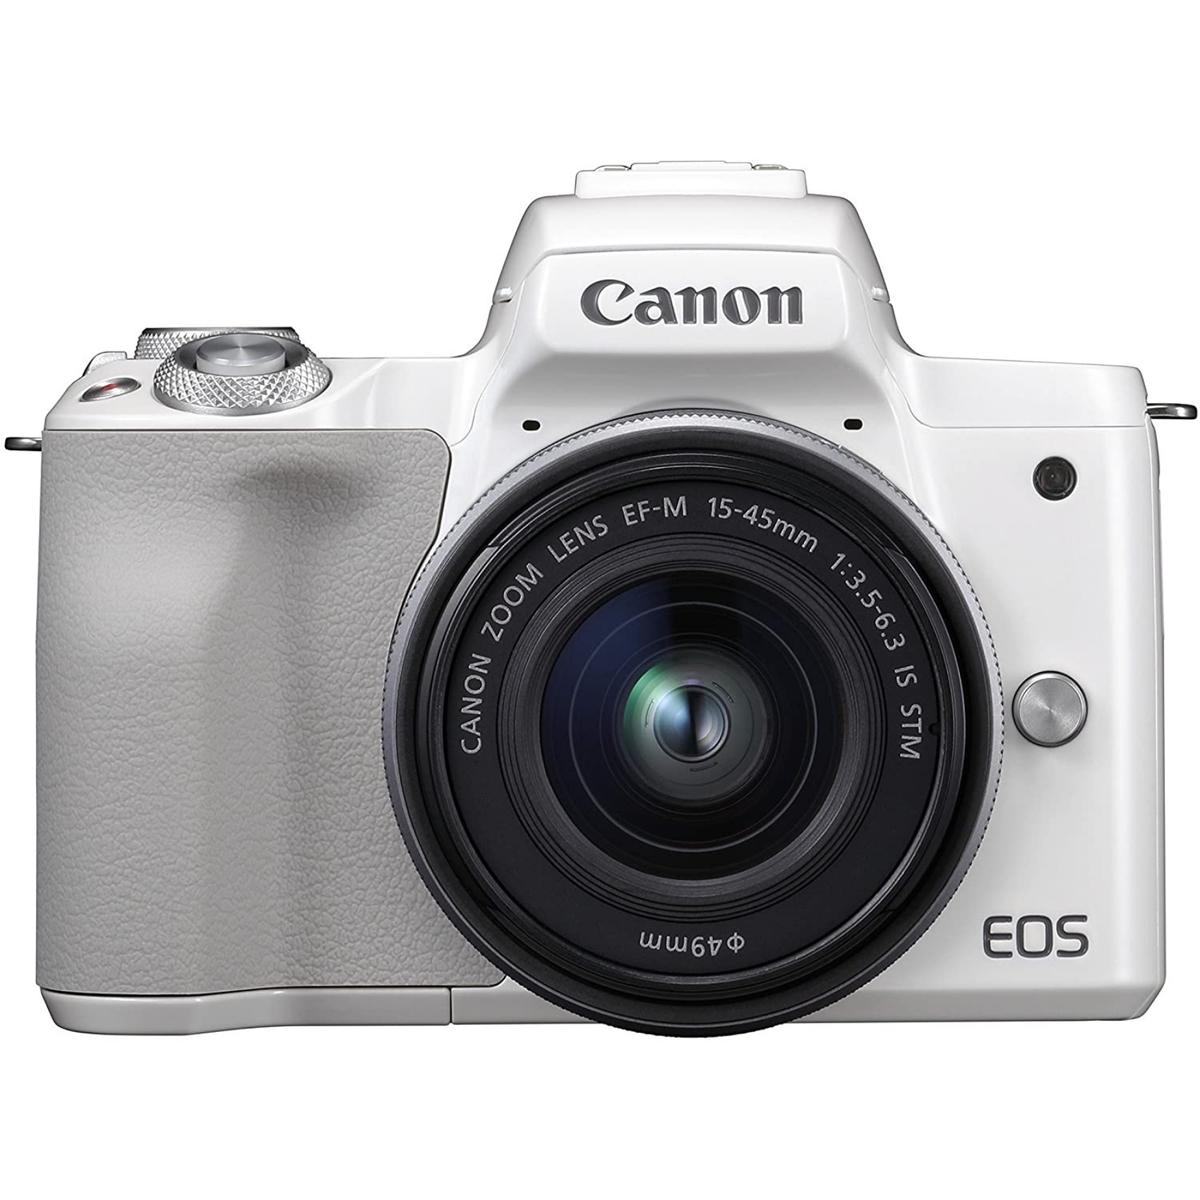 安い購入 Canon キヤノン ミラーレス一眼カメラ EOS Kiss M EF-M15-45 IS STM レンズキット ホワイト(ダブルレンズキット箱), PRO SHOP SUNCABIN -サンキャビン- 99a21fcf